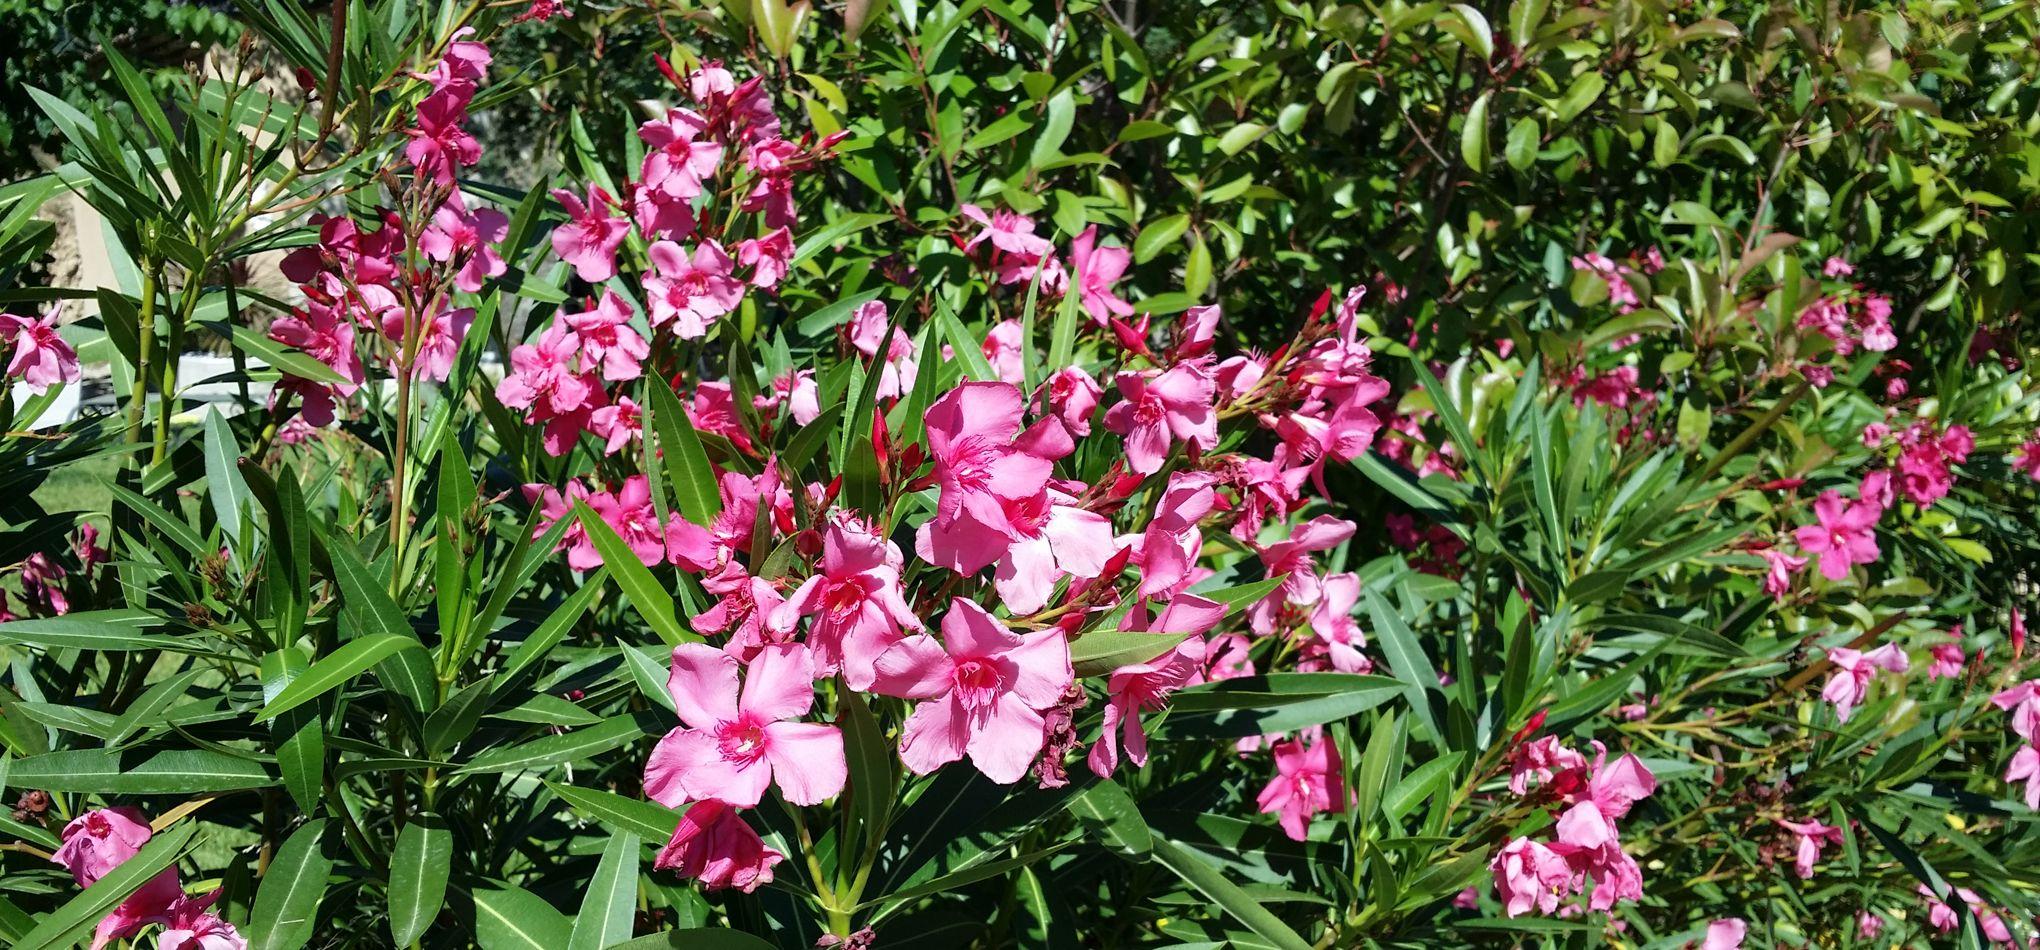 A Quelle Periode Tailler Les Lauriers laurier-rose, l'éclat de la méditerranée